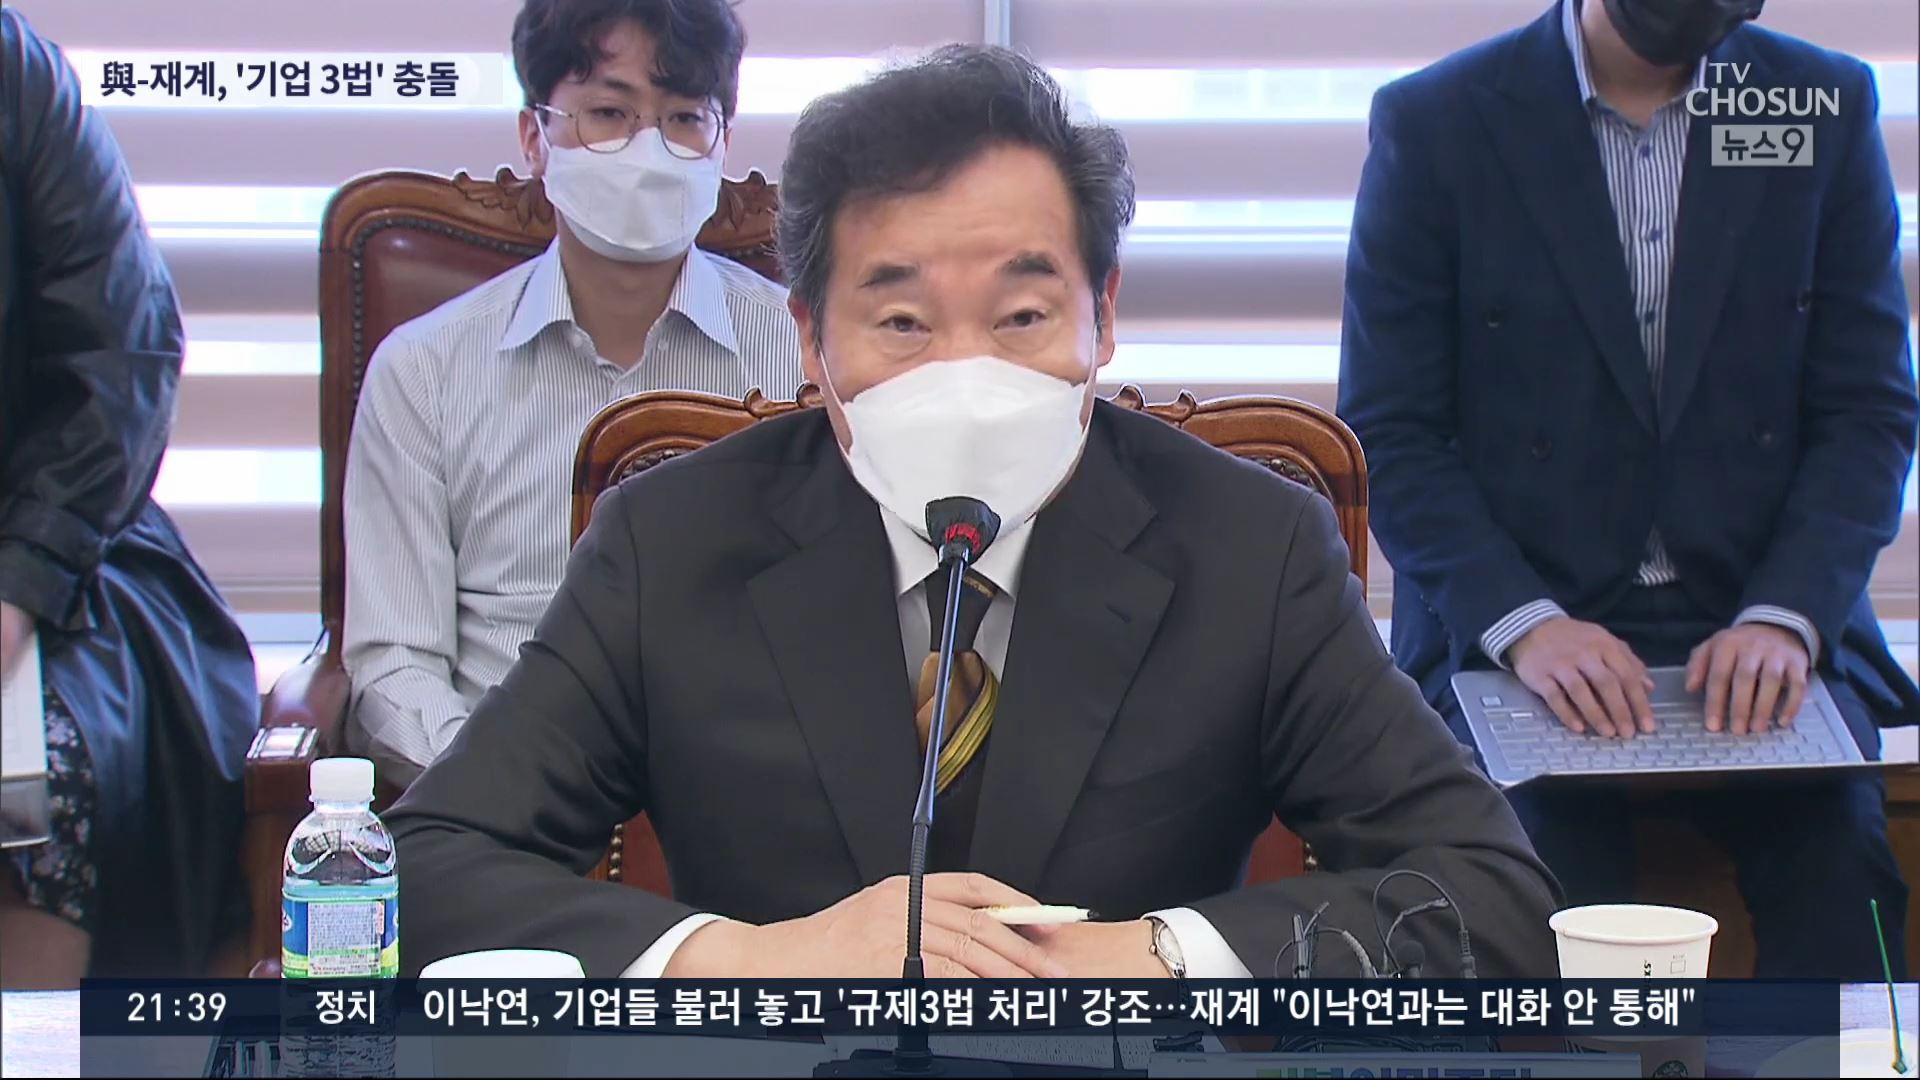 이낙연 '기업3법 못늦춰', 노동법 개정엔 거부 입장…野 '원샷 처리'